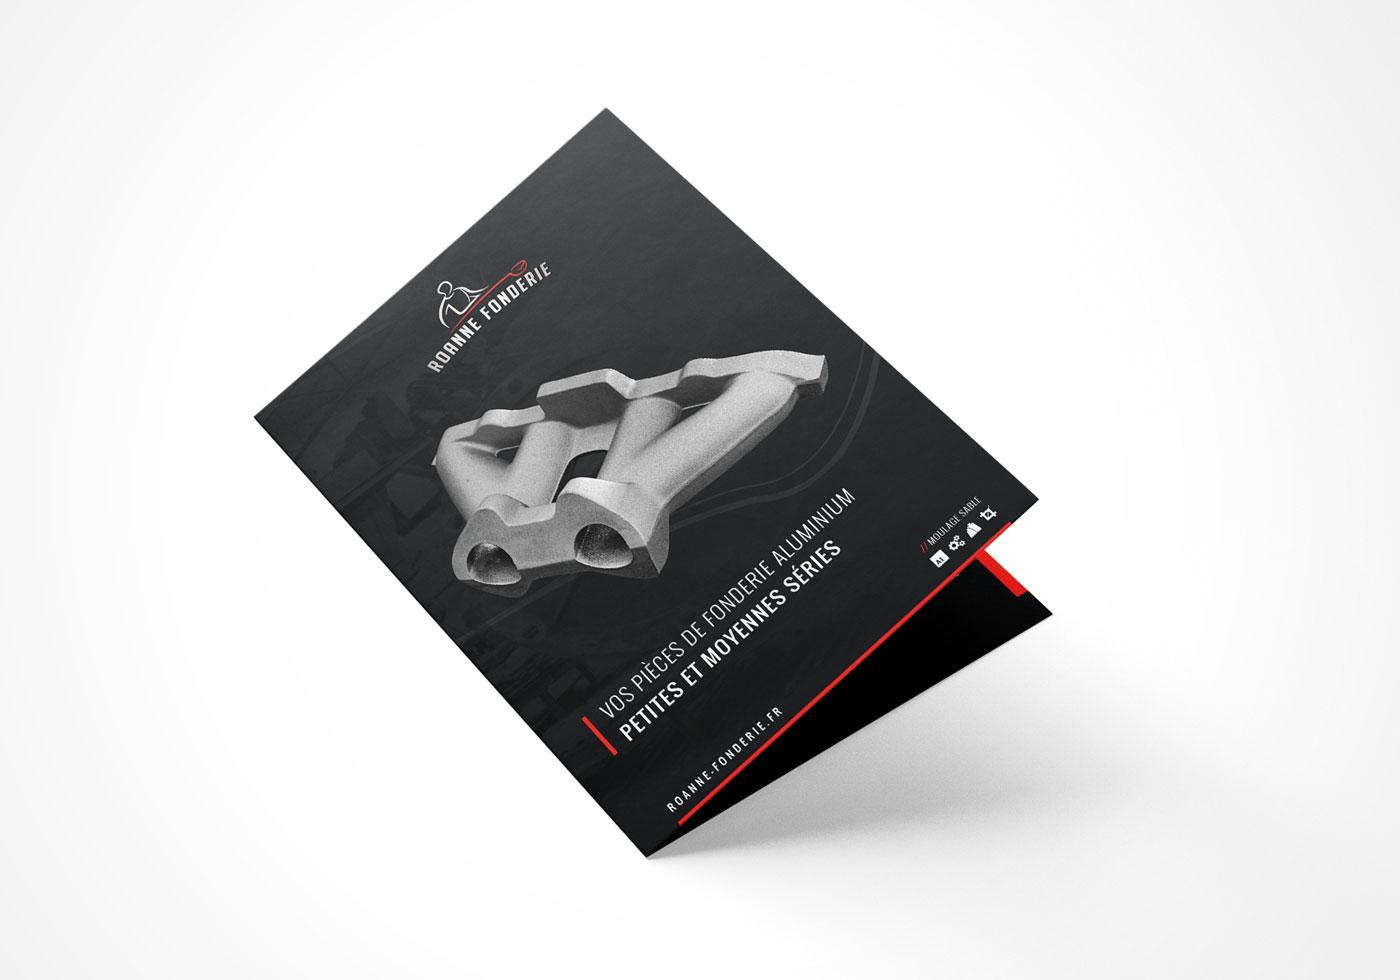 Création de plaquette commerciale Roanne Bordeaux loic hermer Graphiste Webdesigner